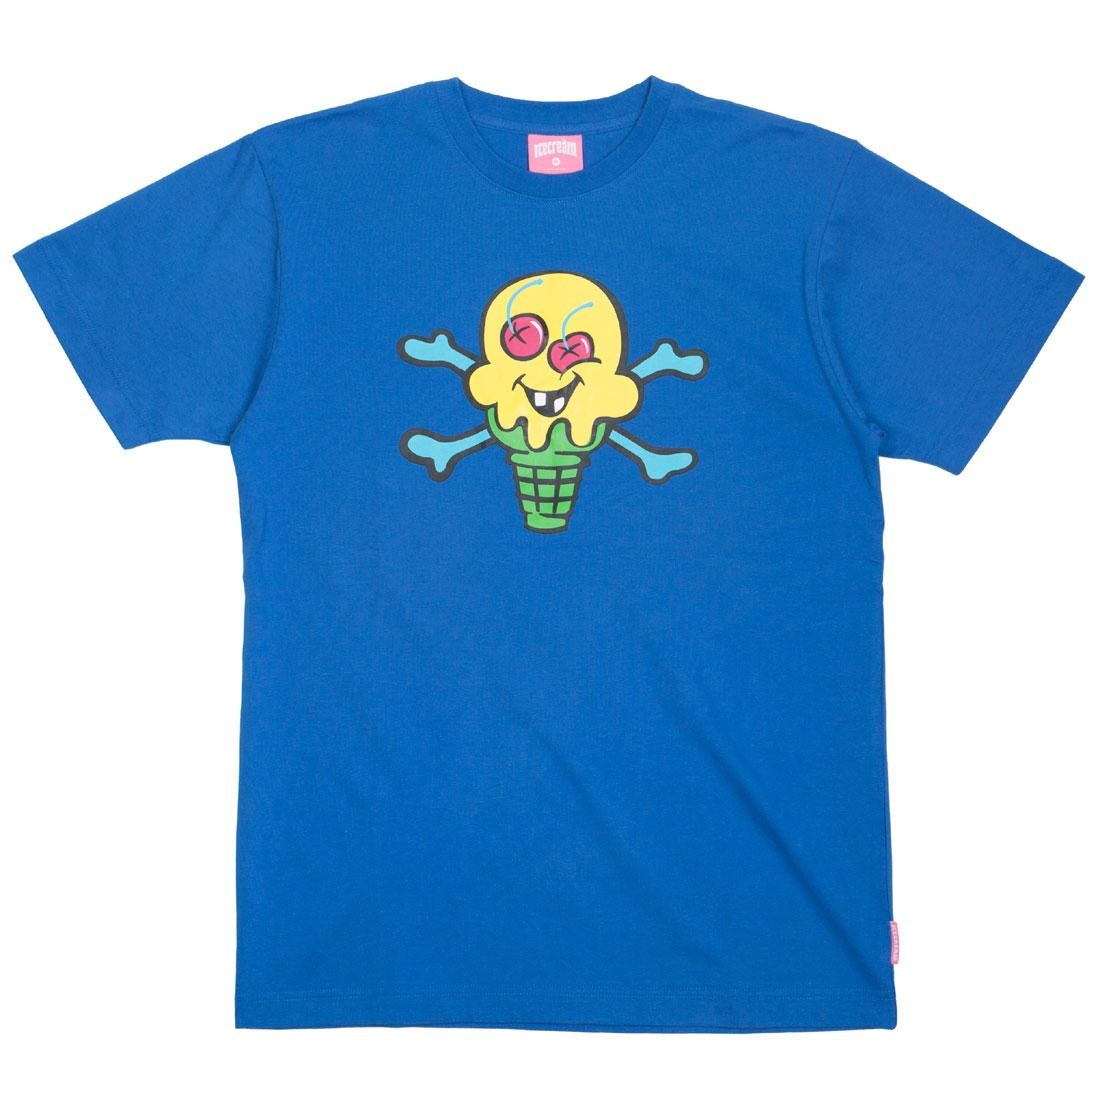 クリーム Tシャツ 【 ICE CREAM MEN HEATH TEE BLUE 】 メンズファッション トップス カットソー